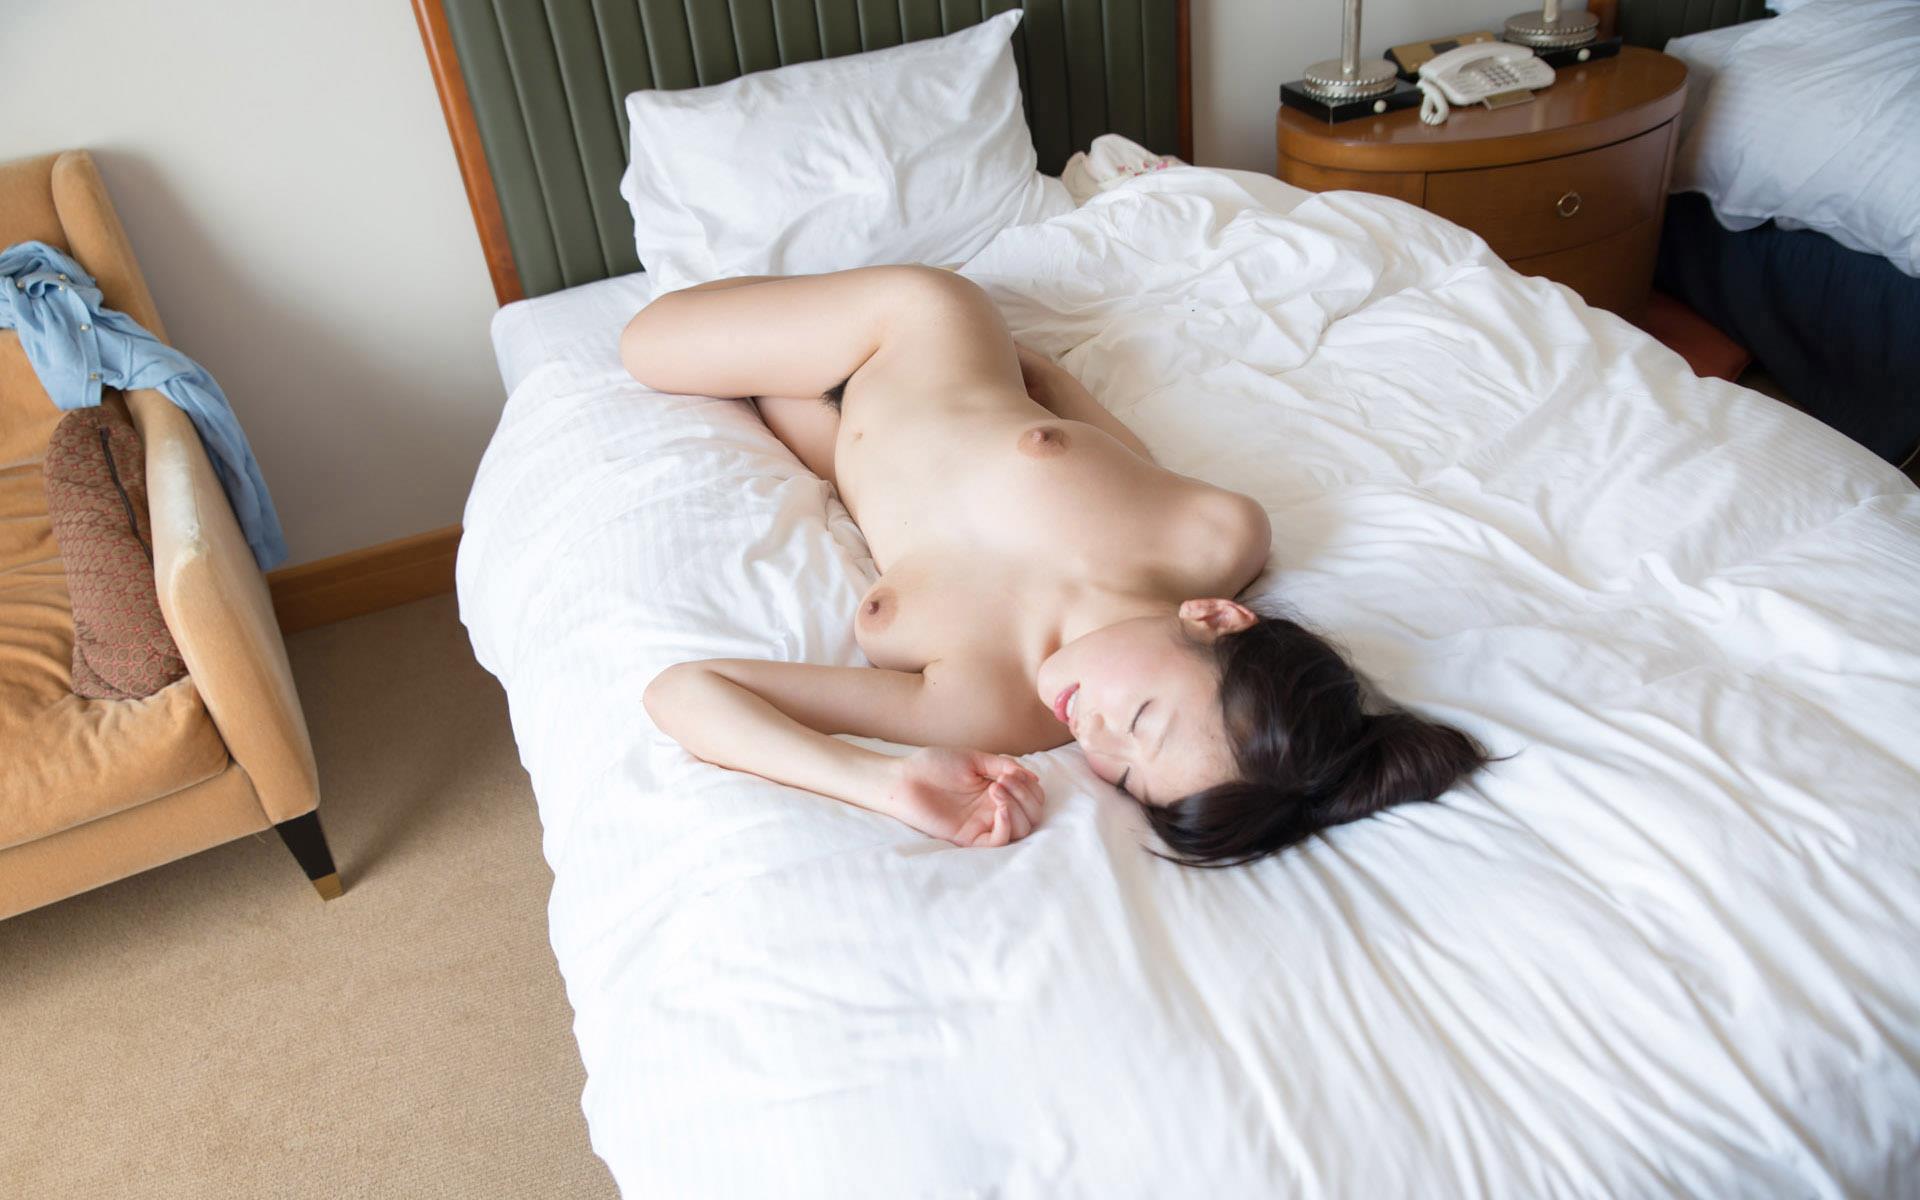 浜崎真緒 パイズリ画像 87